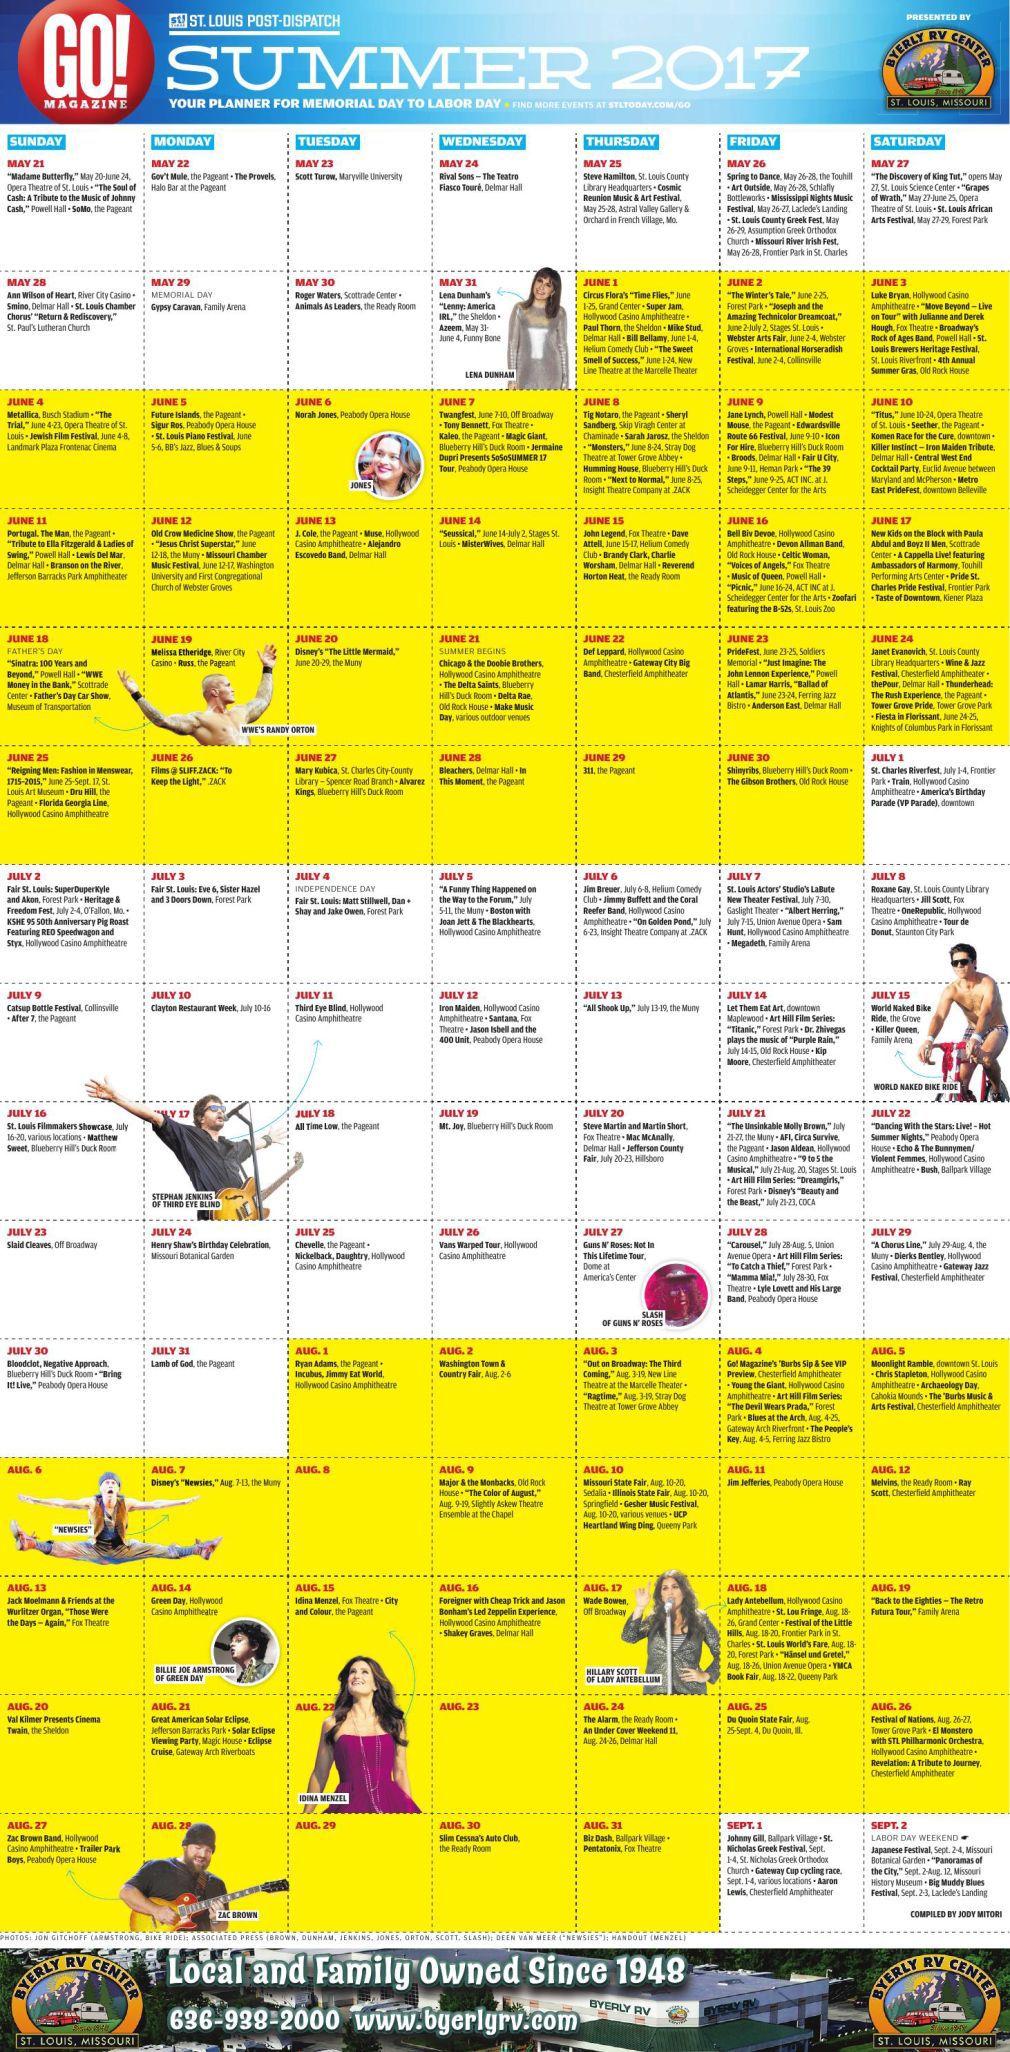 Plan For Memorial Day Through Labor Day Go Magazine S Summer Fun